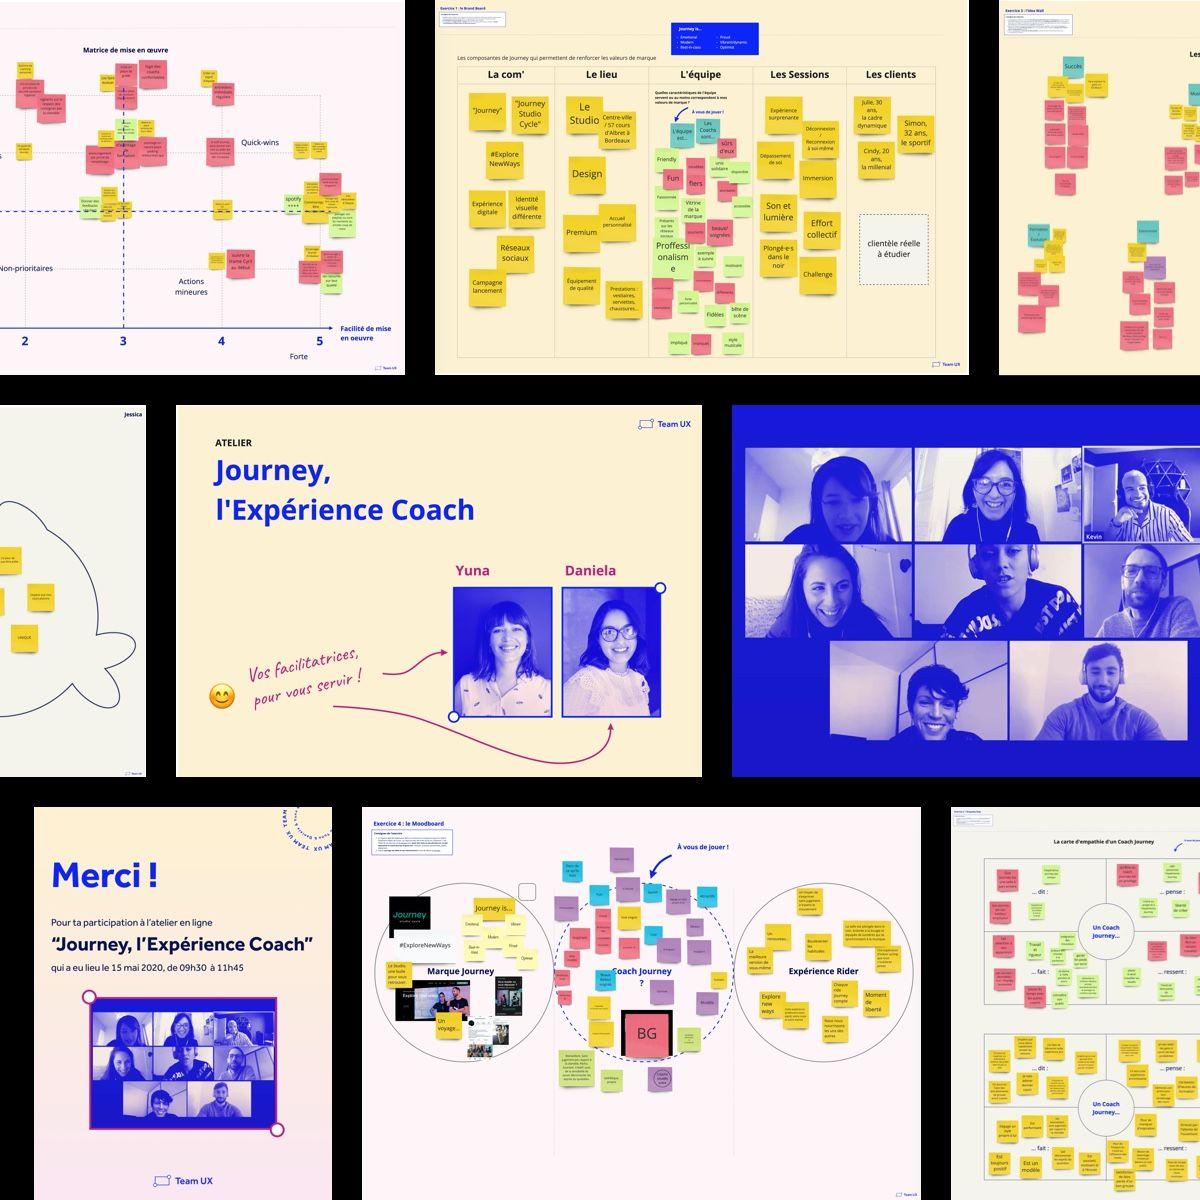 Extraits du travail collaboratif réalisé pendant l'atelier à distance avec les Coachs Journey